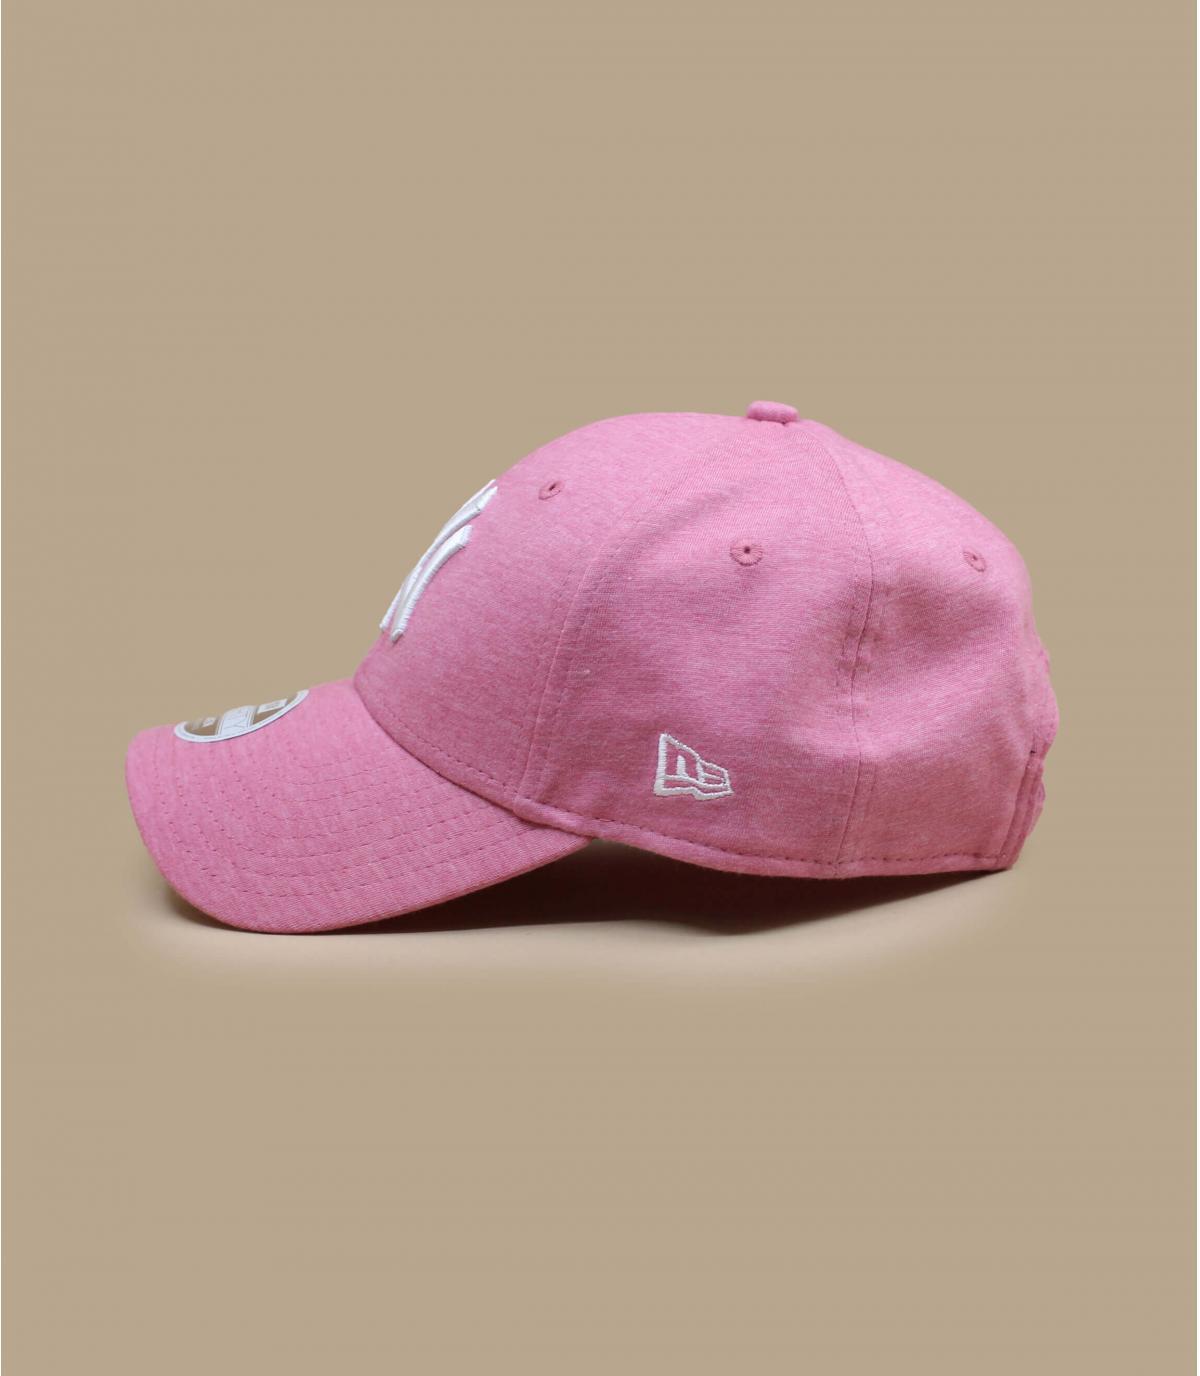 Details Cap Wmn Jersey Ess 940 NY pink - Abbildung 3